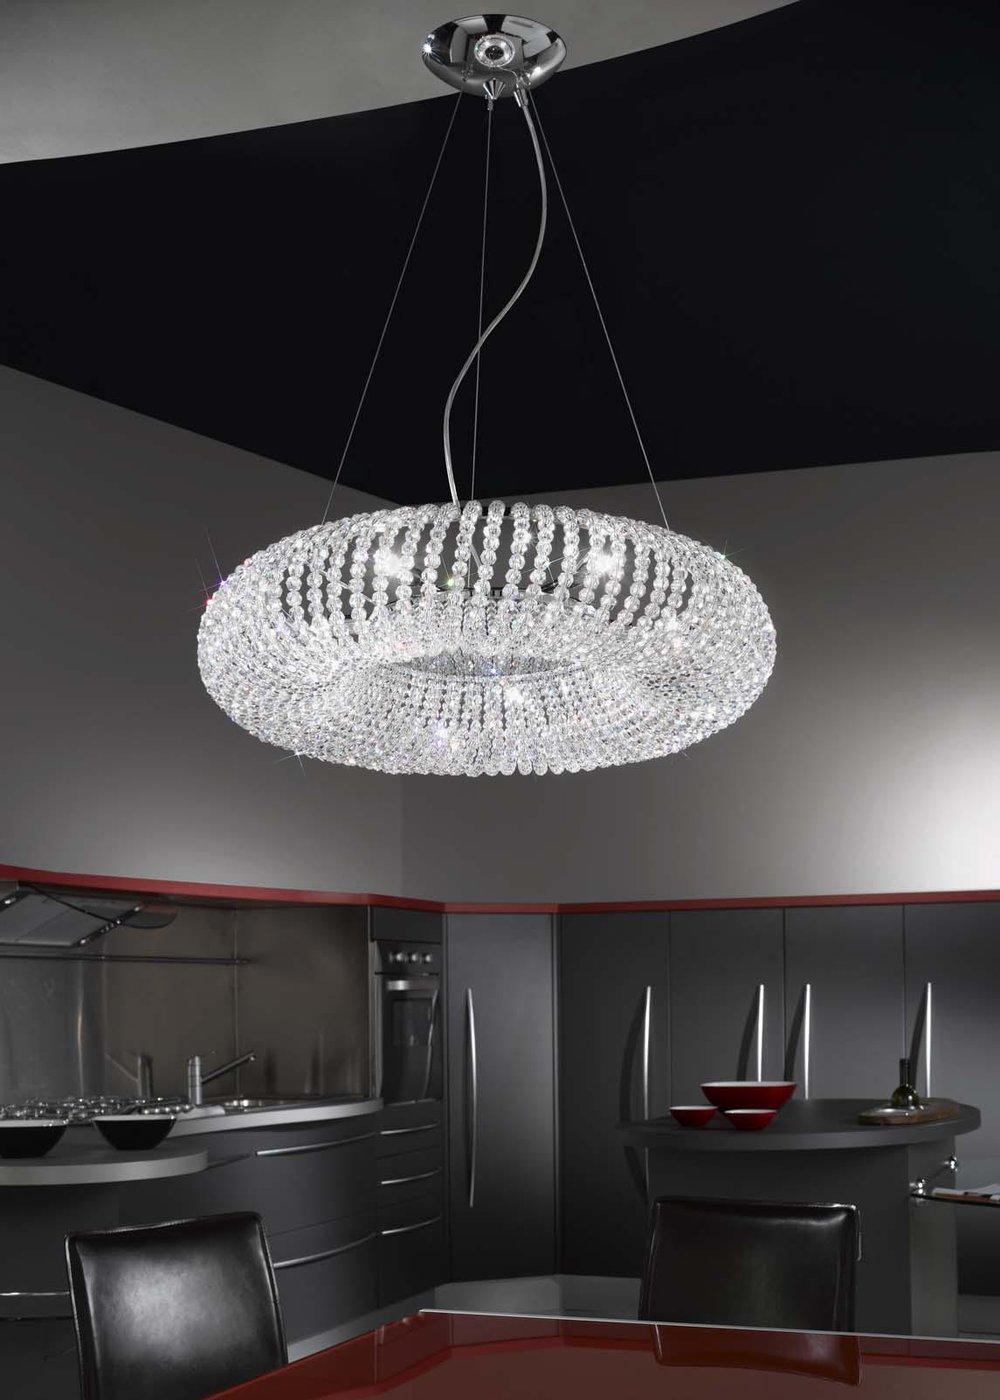 carla-chrome-5-light-crystal-ceiling-light-pendant-kolarz-lighting-56636-p.jpg